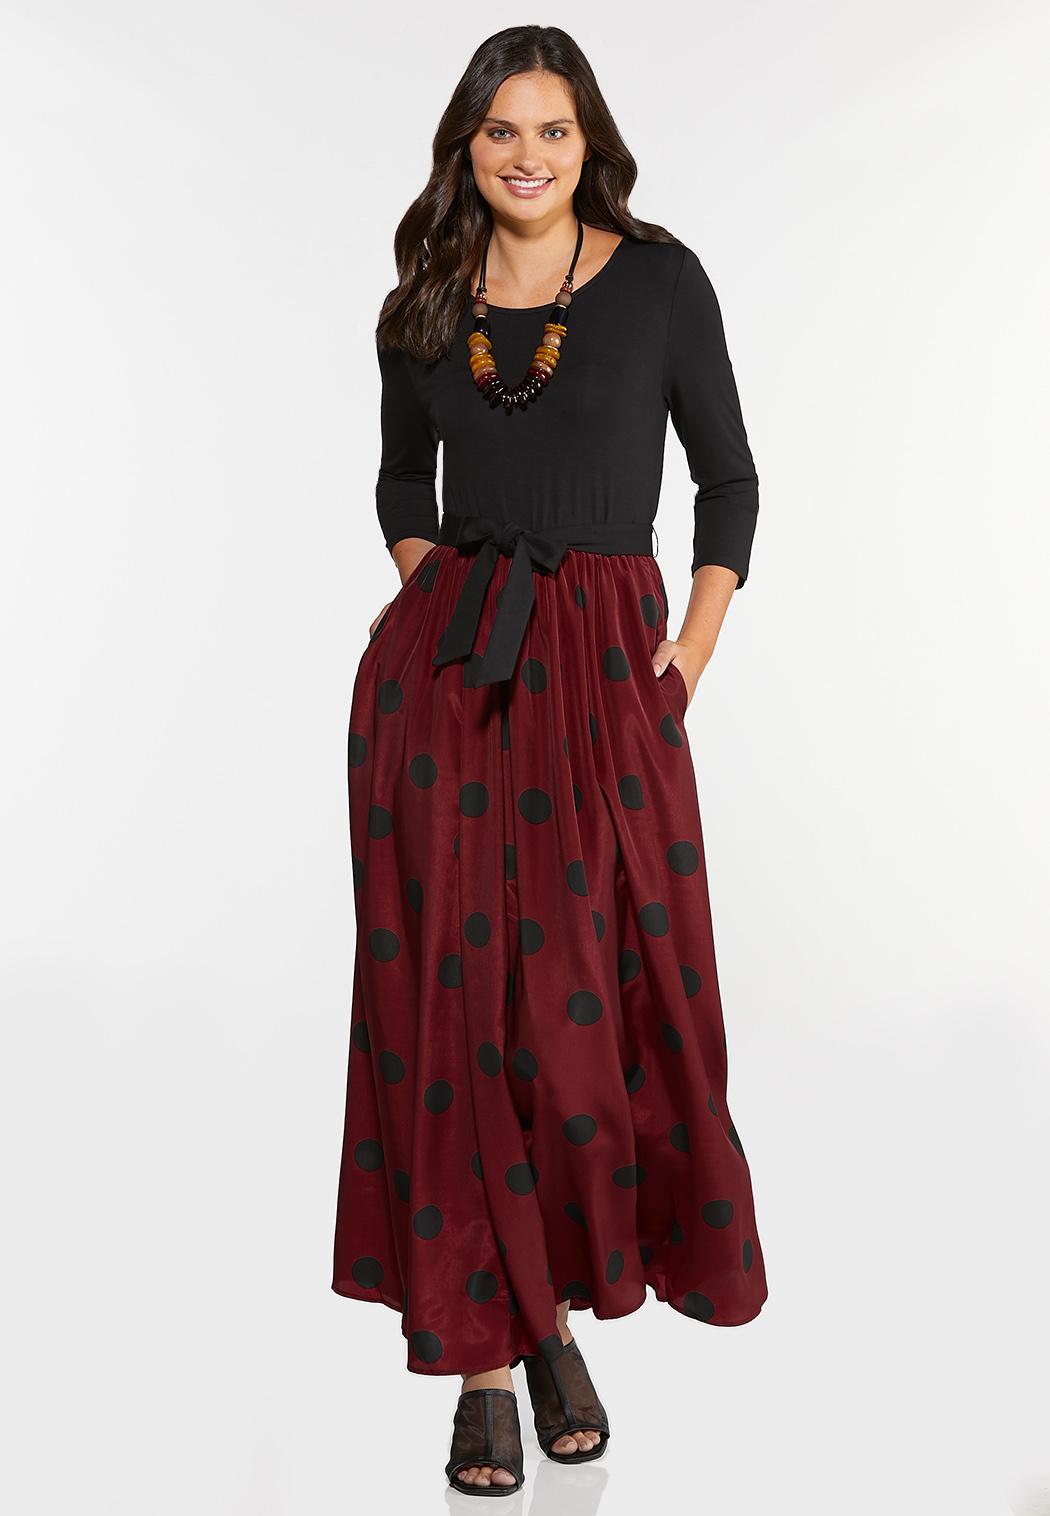 Plus Size Polka Dot Colorblock Dress